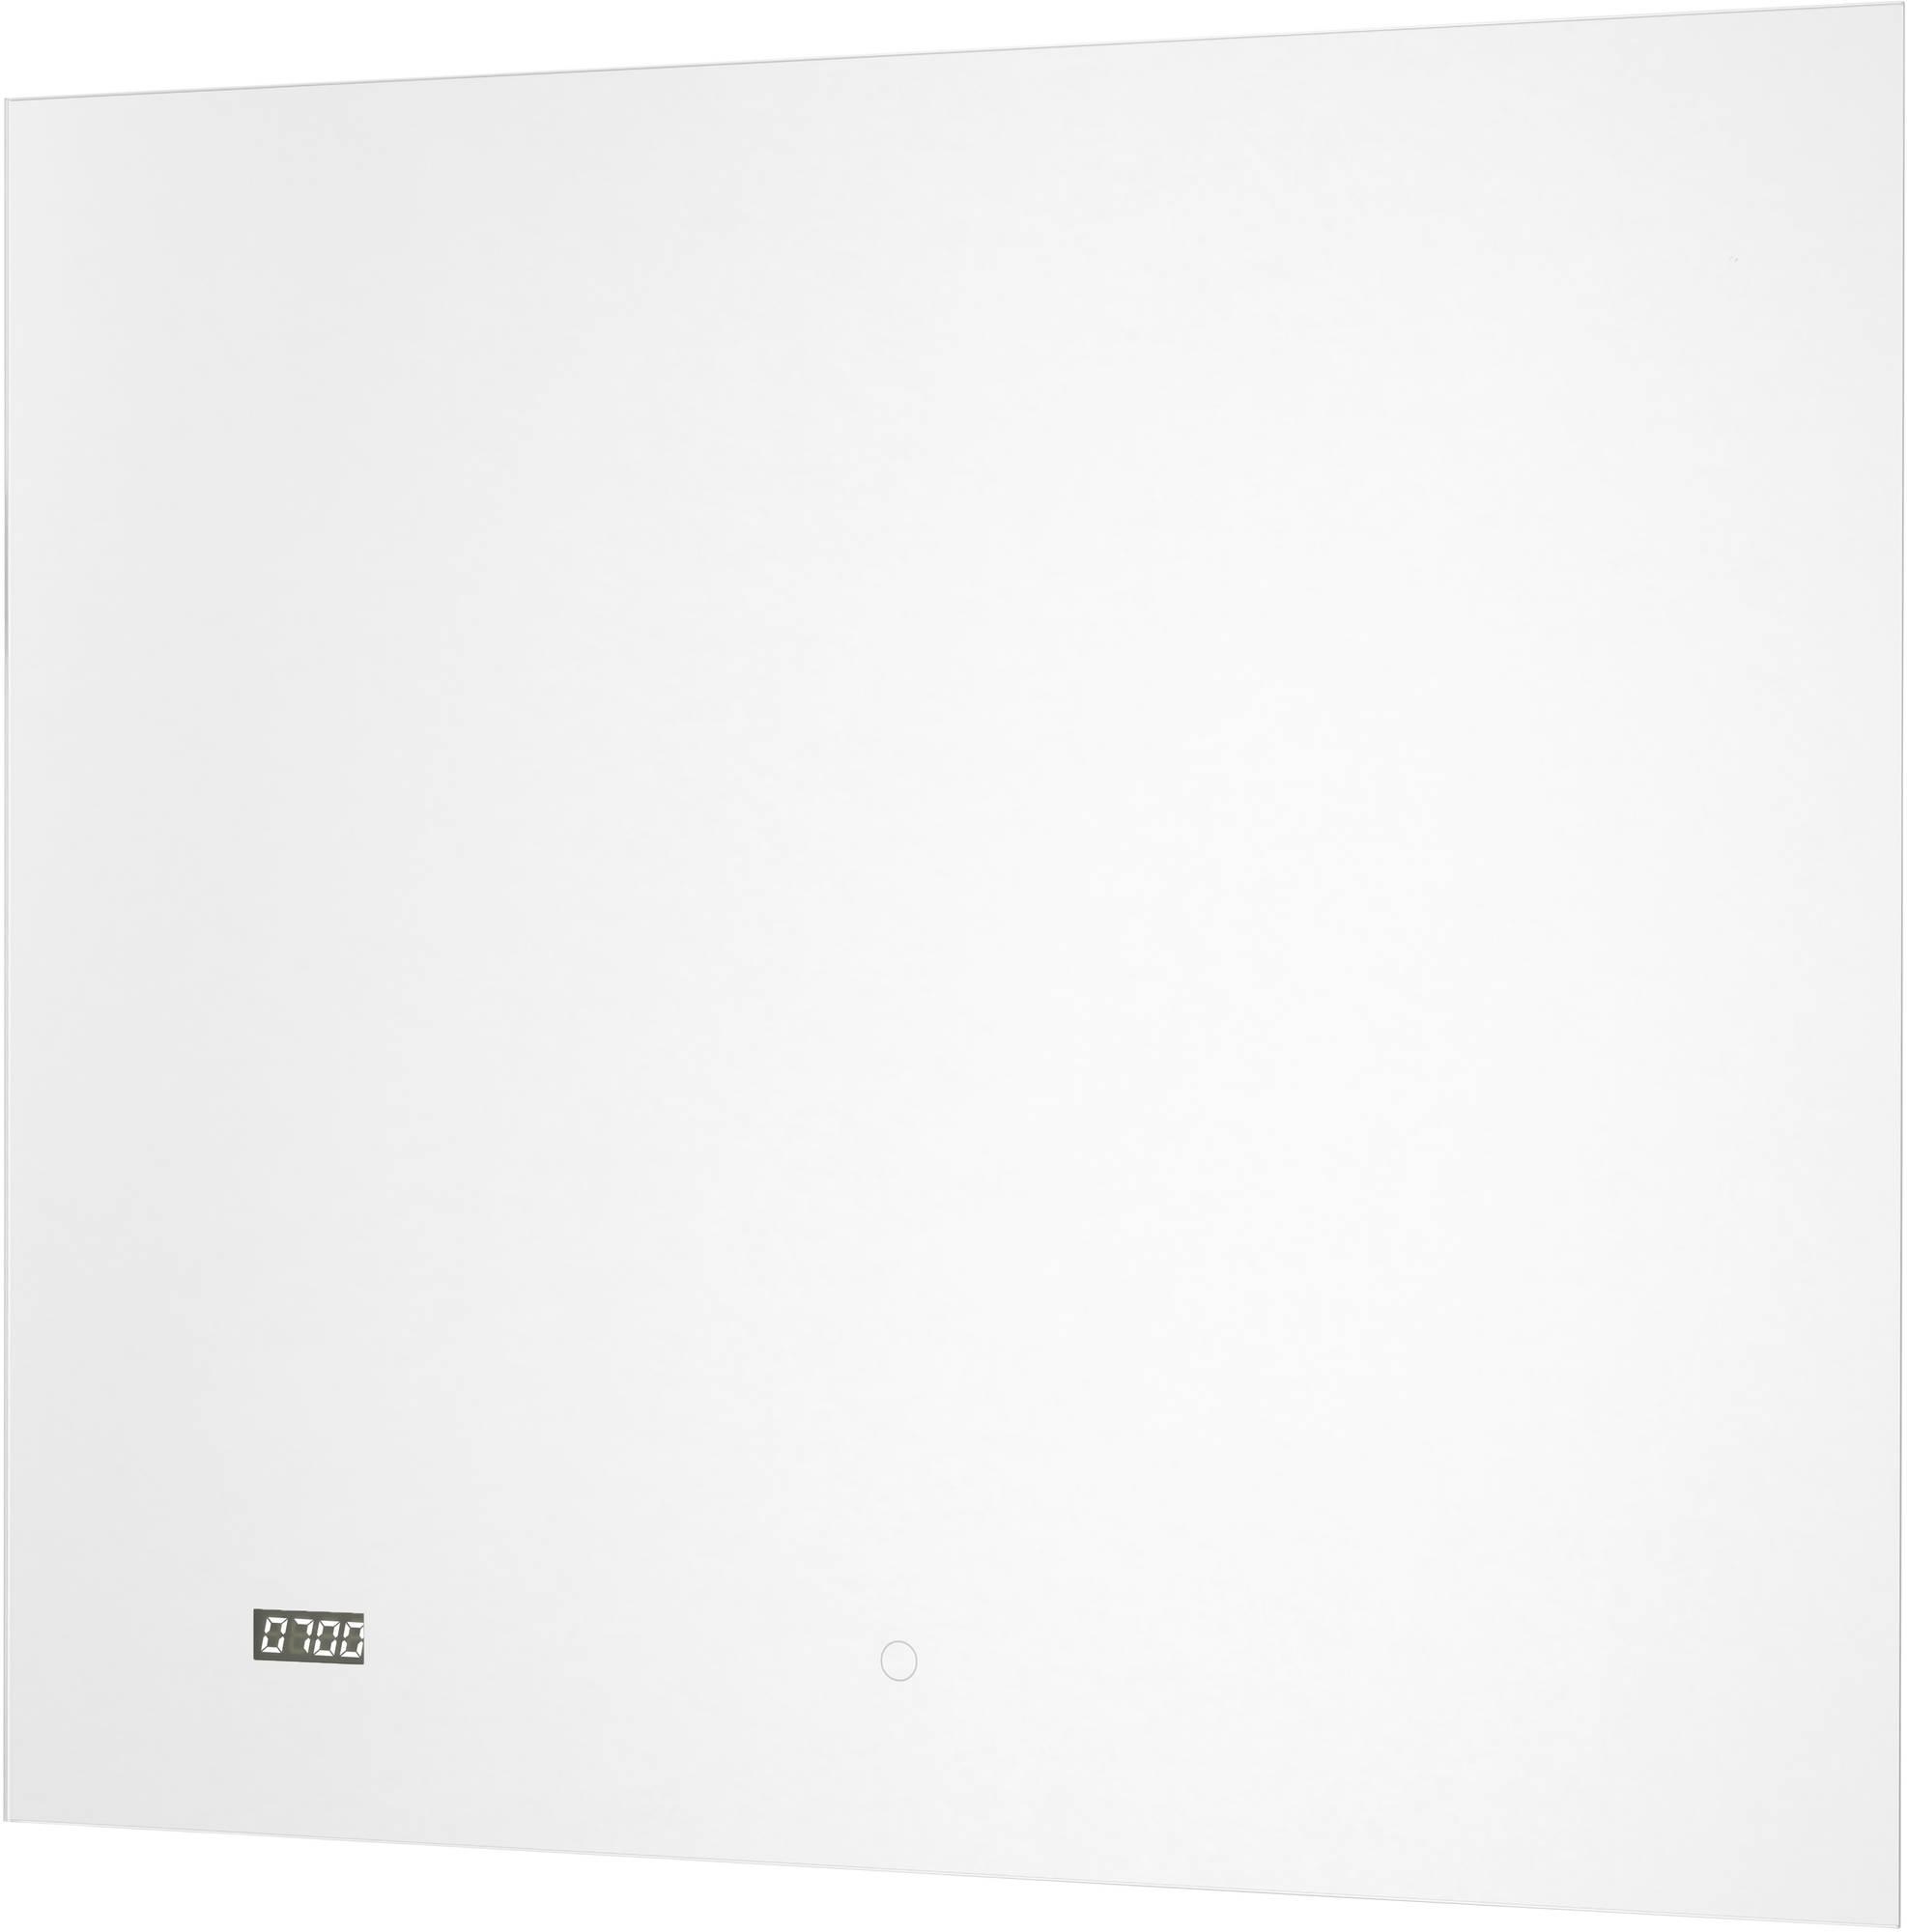 Ben Watch spiegelpaneel met LED verlichting rondom 80x70 cm